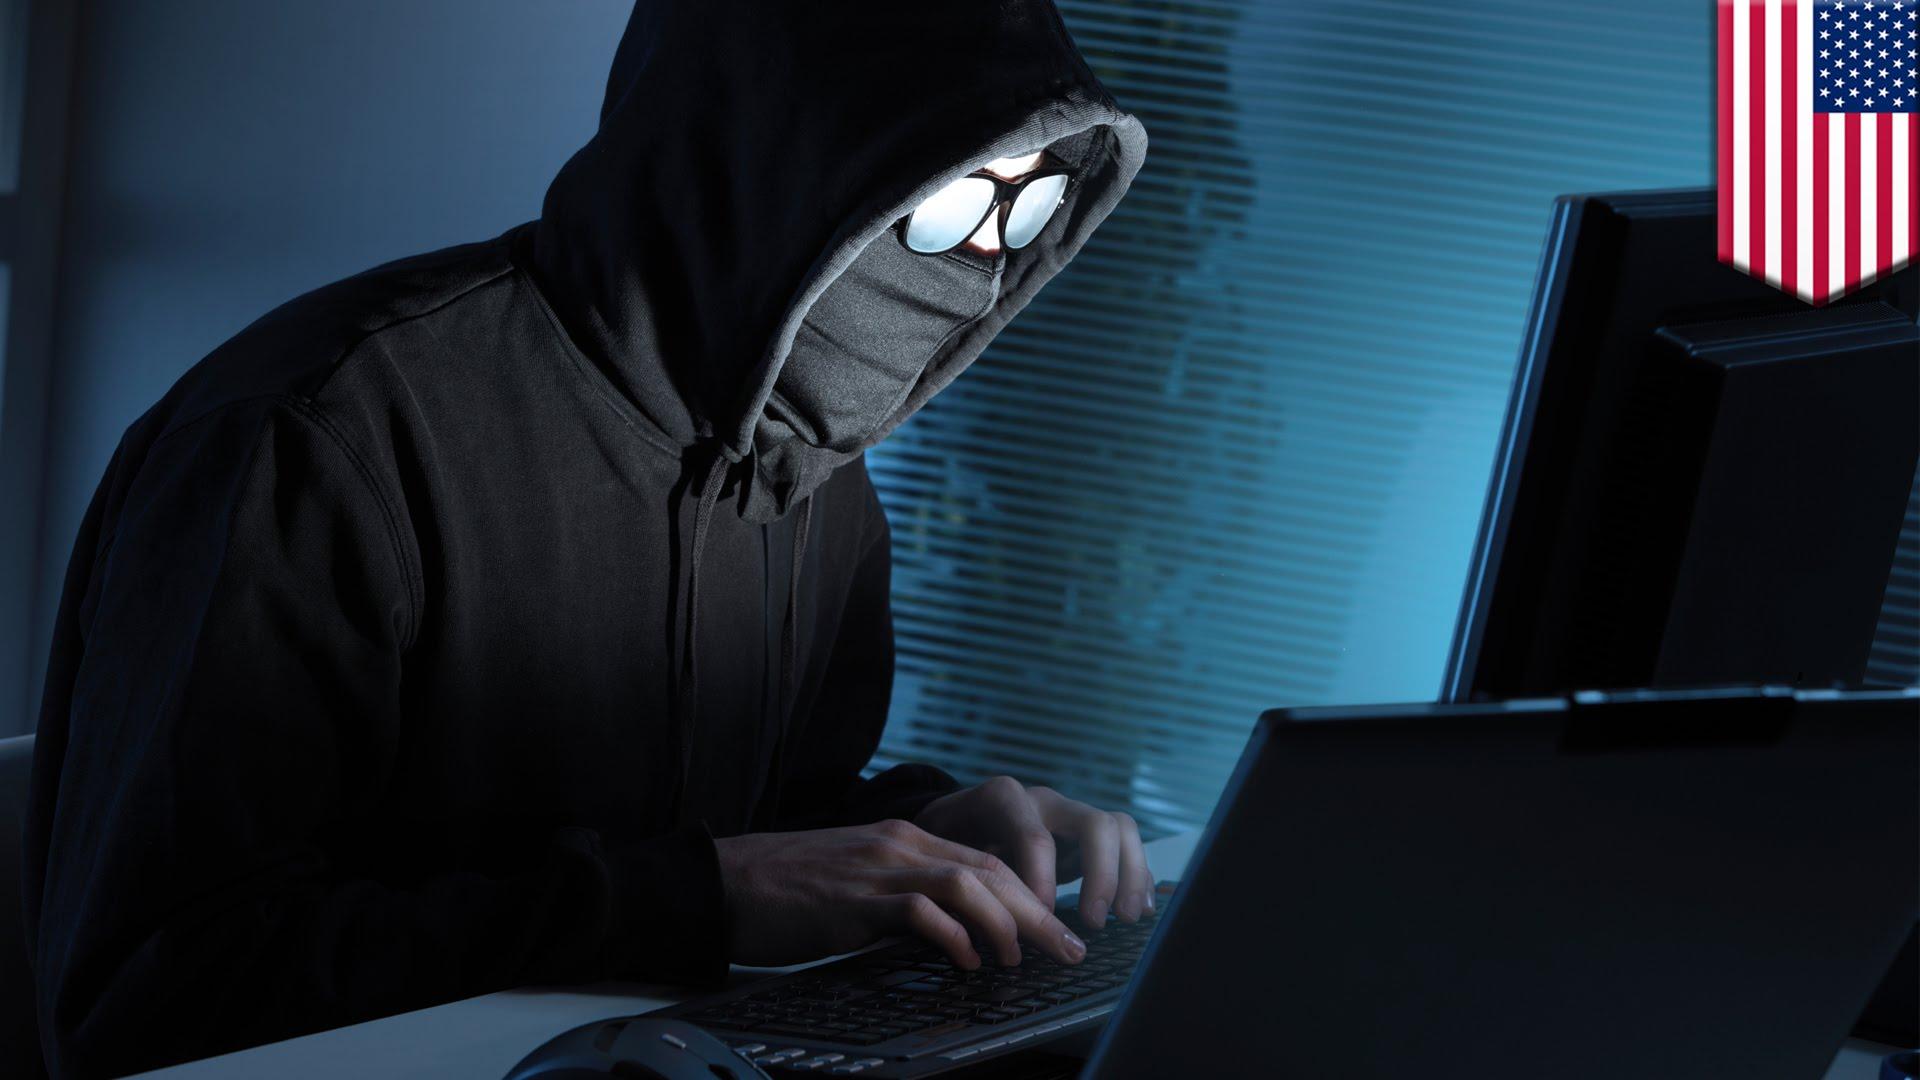 США просит выдать киприота, обвиняемого в компьютерных преступлениях